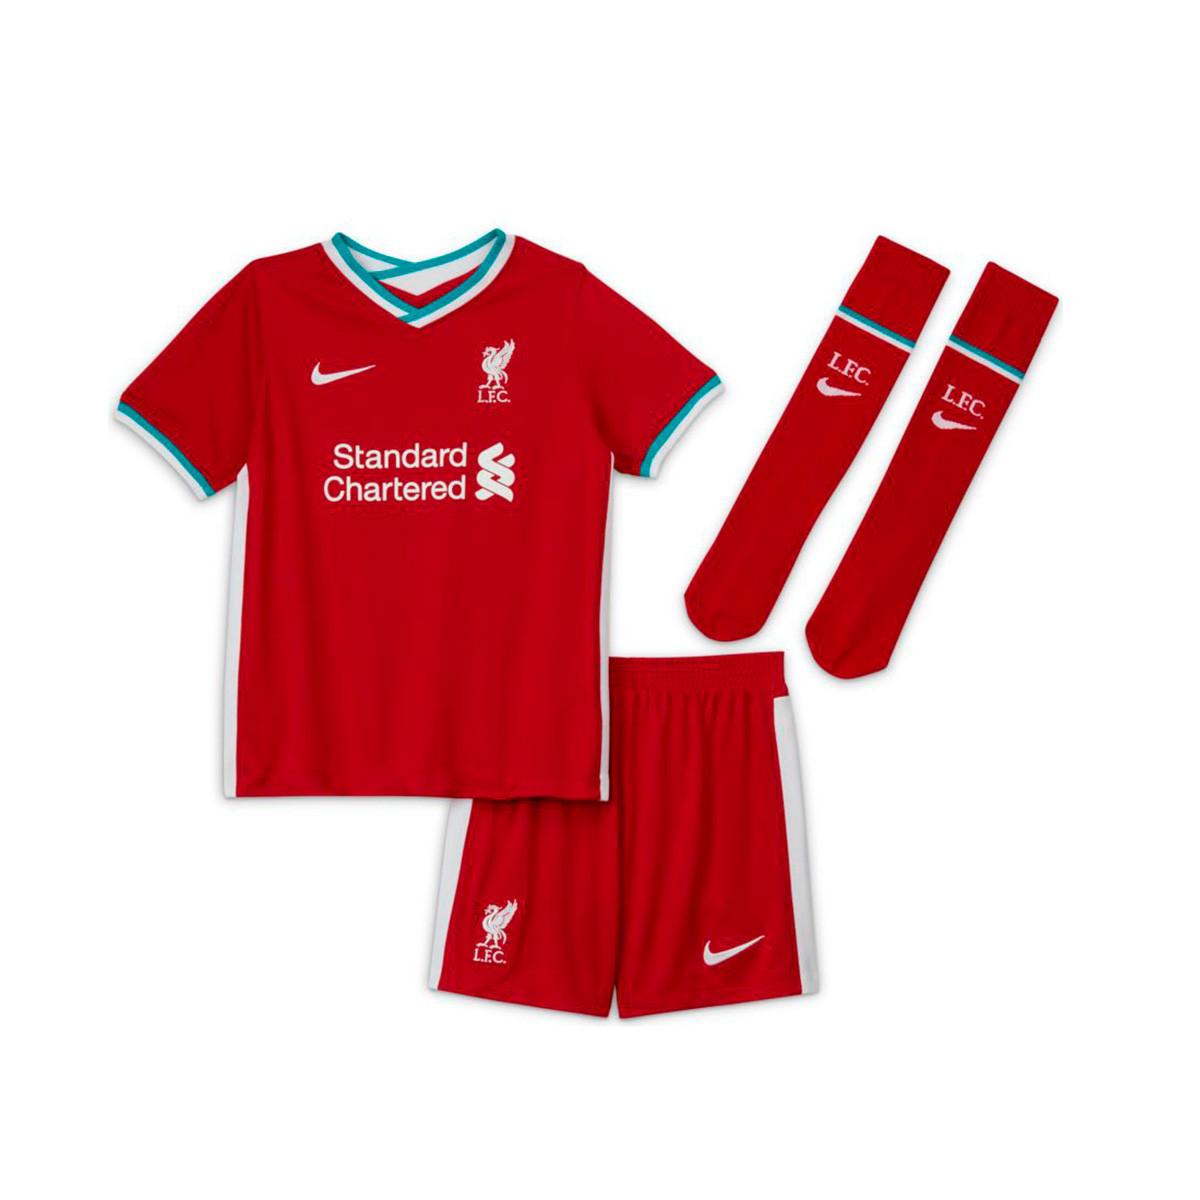 kit nike liverpool fc primera equipacion 2020 2021 nino gym red white football store futbol emotion football boots